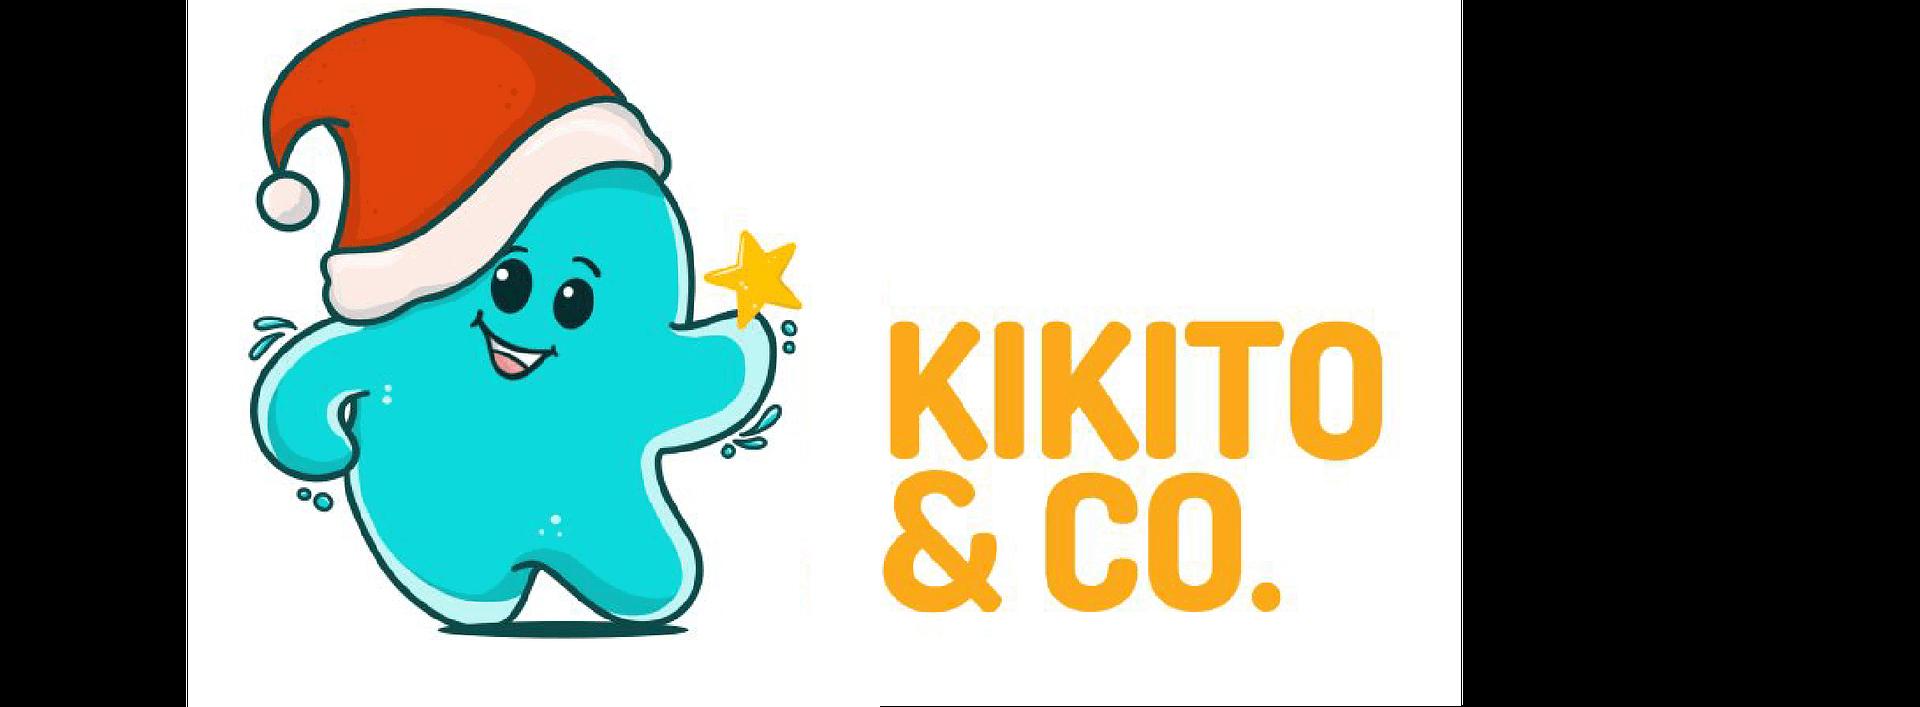 Kikito & Co.